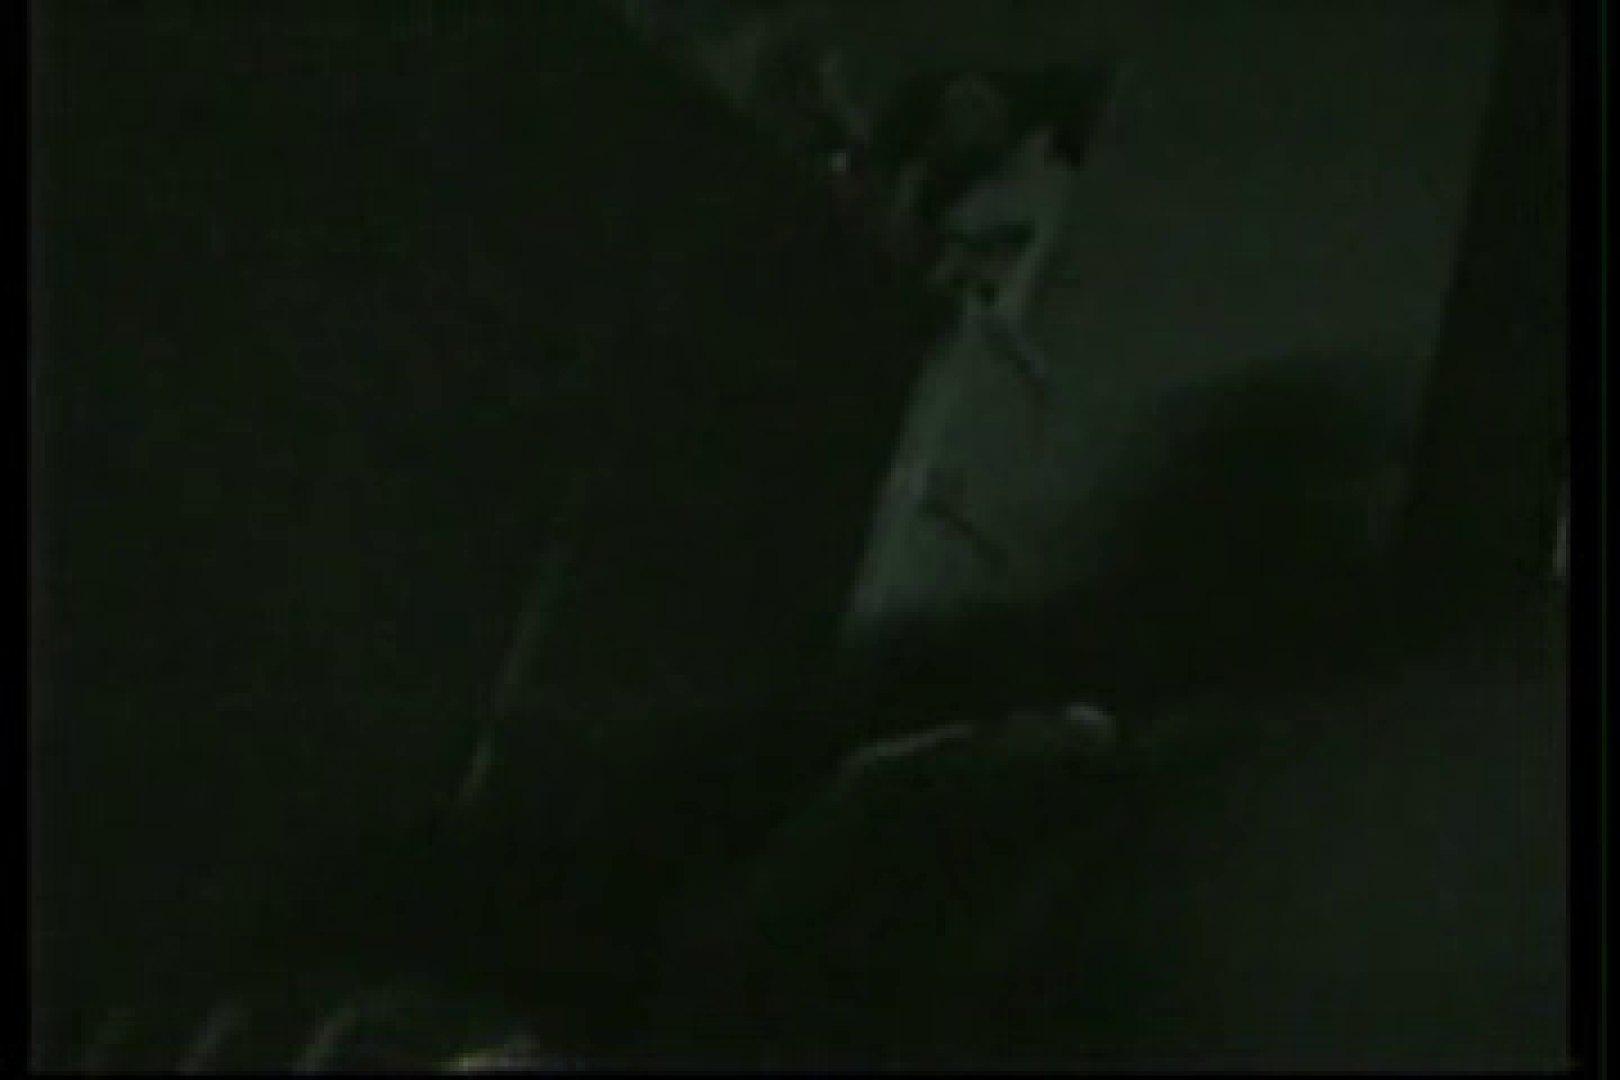 【実録個人撮影】男の子達の禁断の愛欲性活!!vol.02(対女性アナル責め) 手淫 ゲイ無料エロ画像 105枚 69